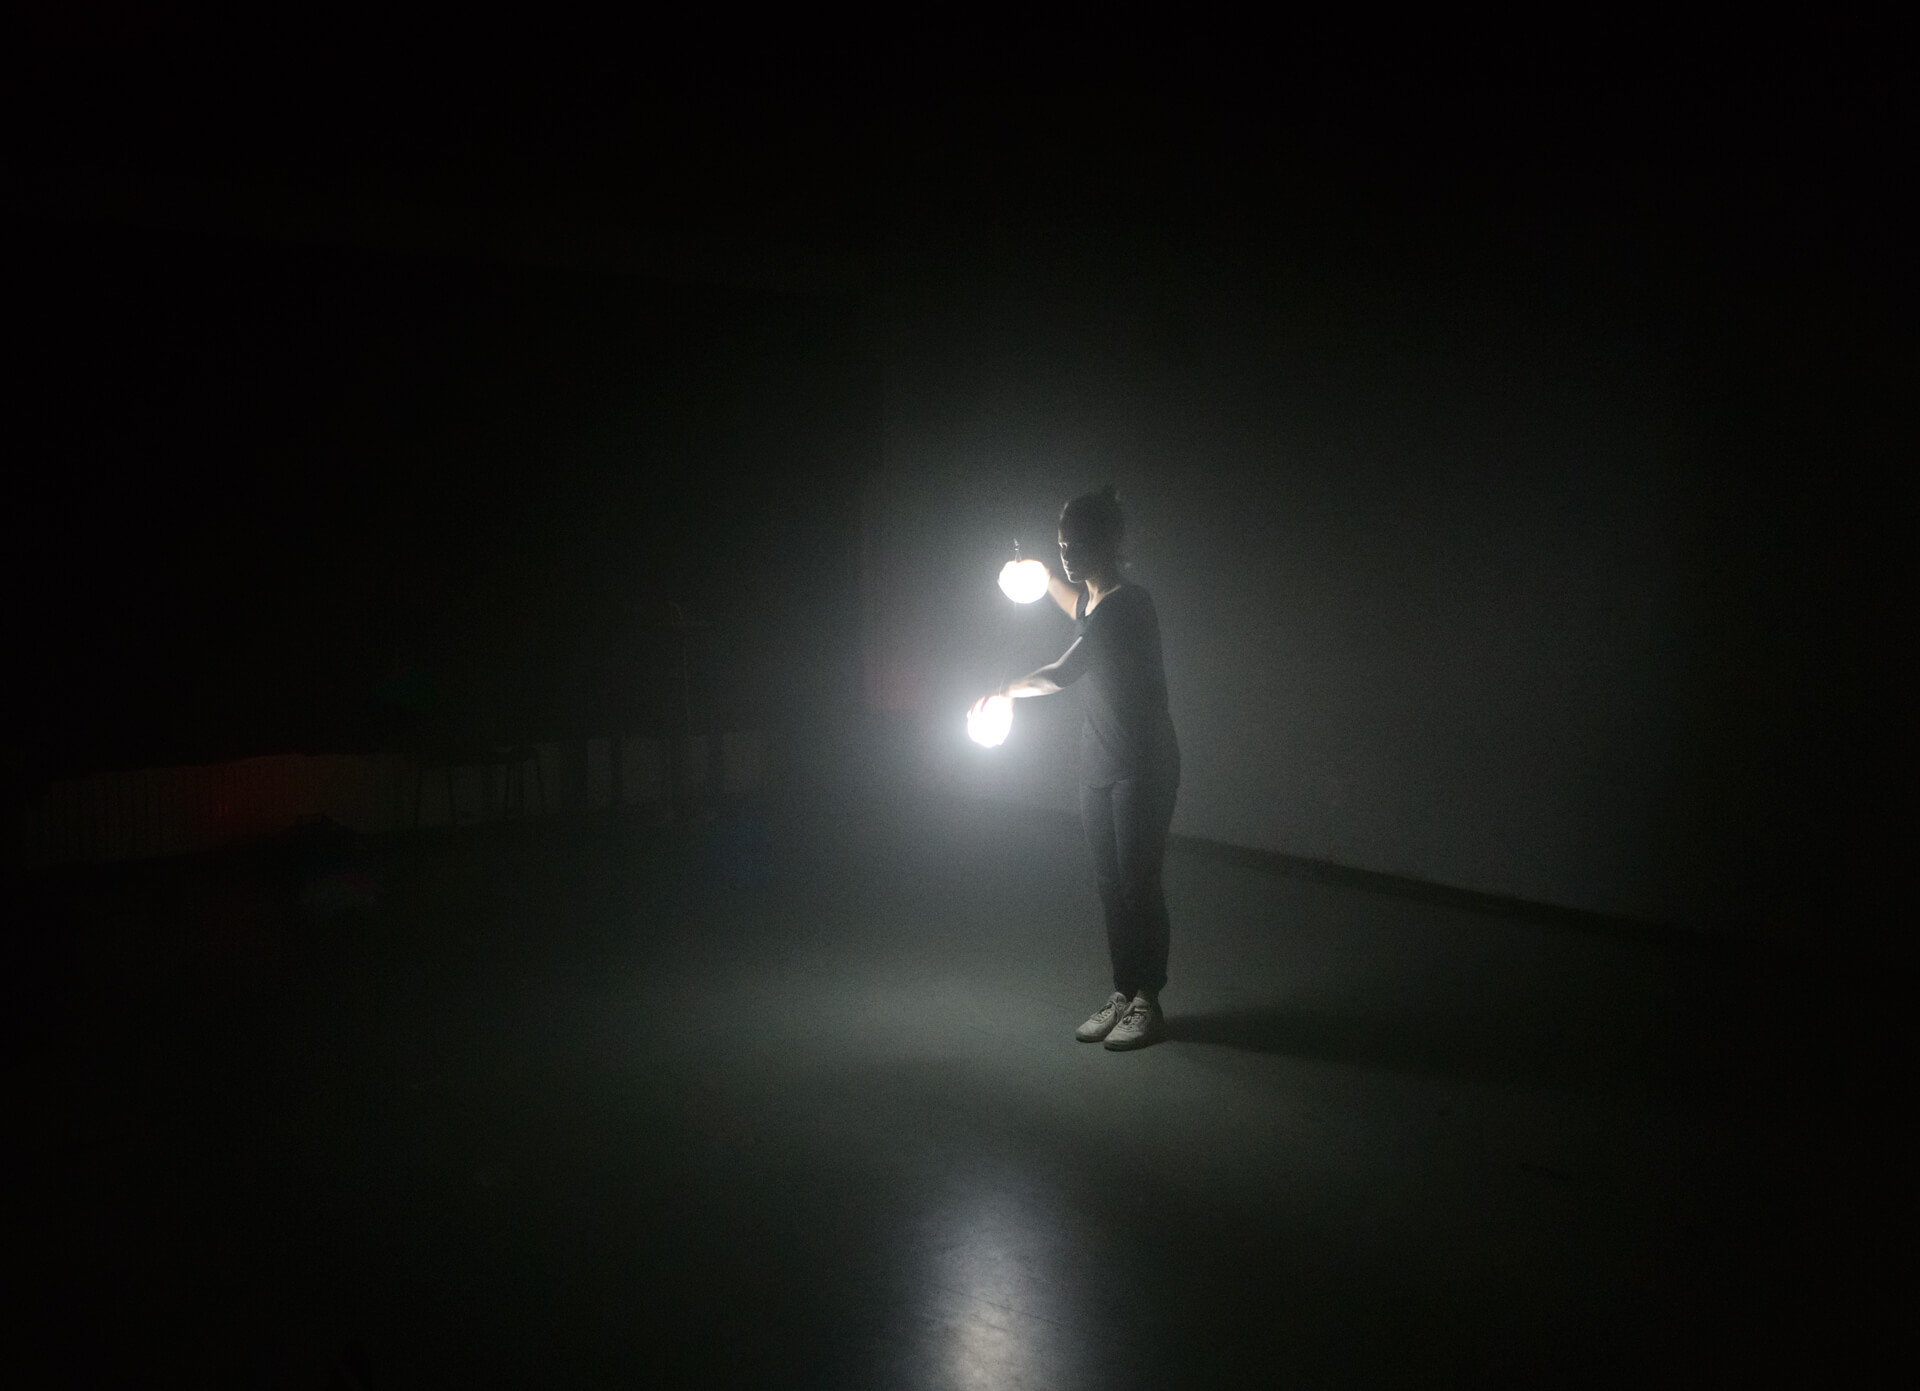 電子音楽&デジタルアートの祭典が渋谷に!<MUTEK.JP>最終フルラインナップ&タイムテーブル発表 art191205_mutek_6